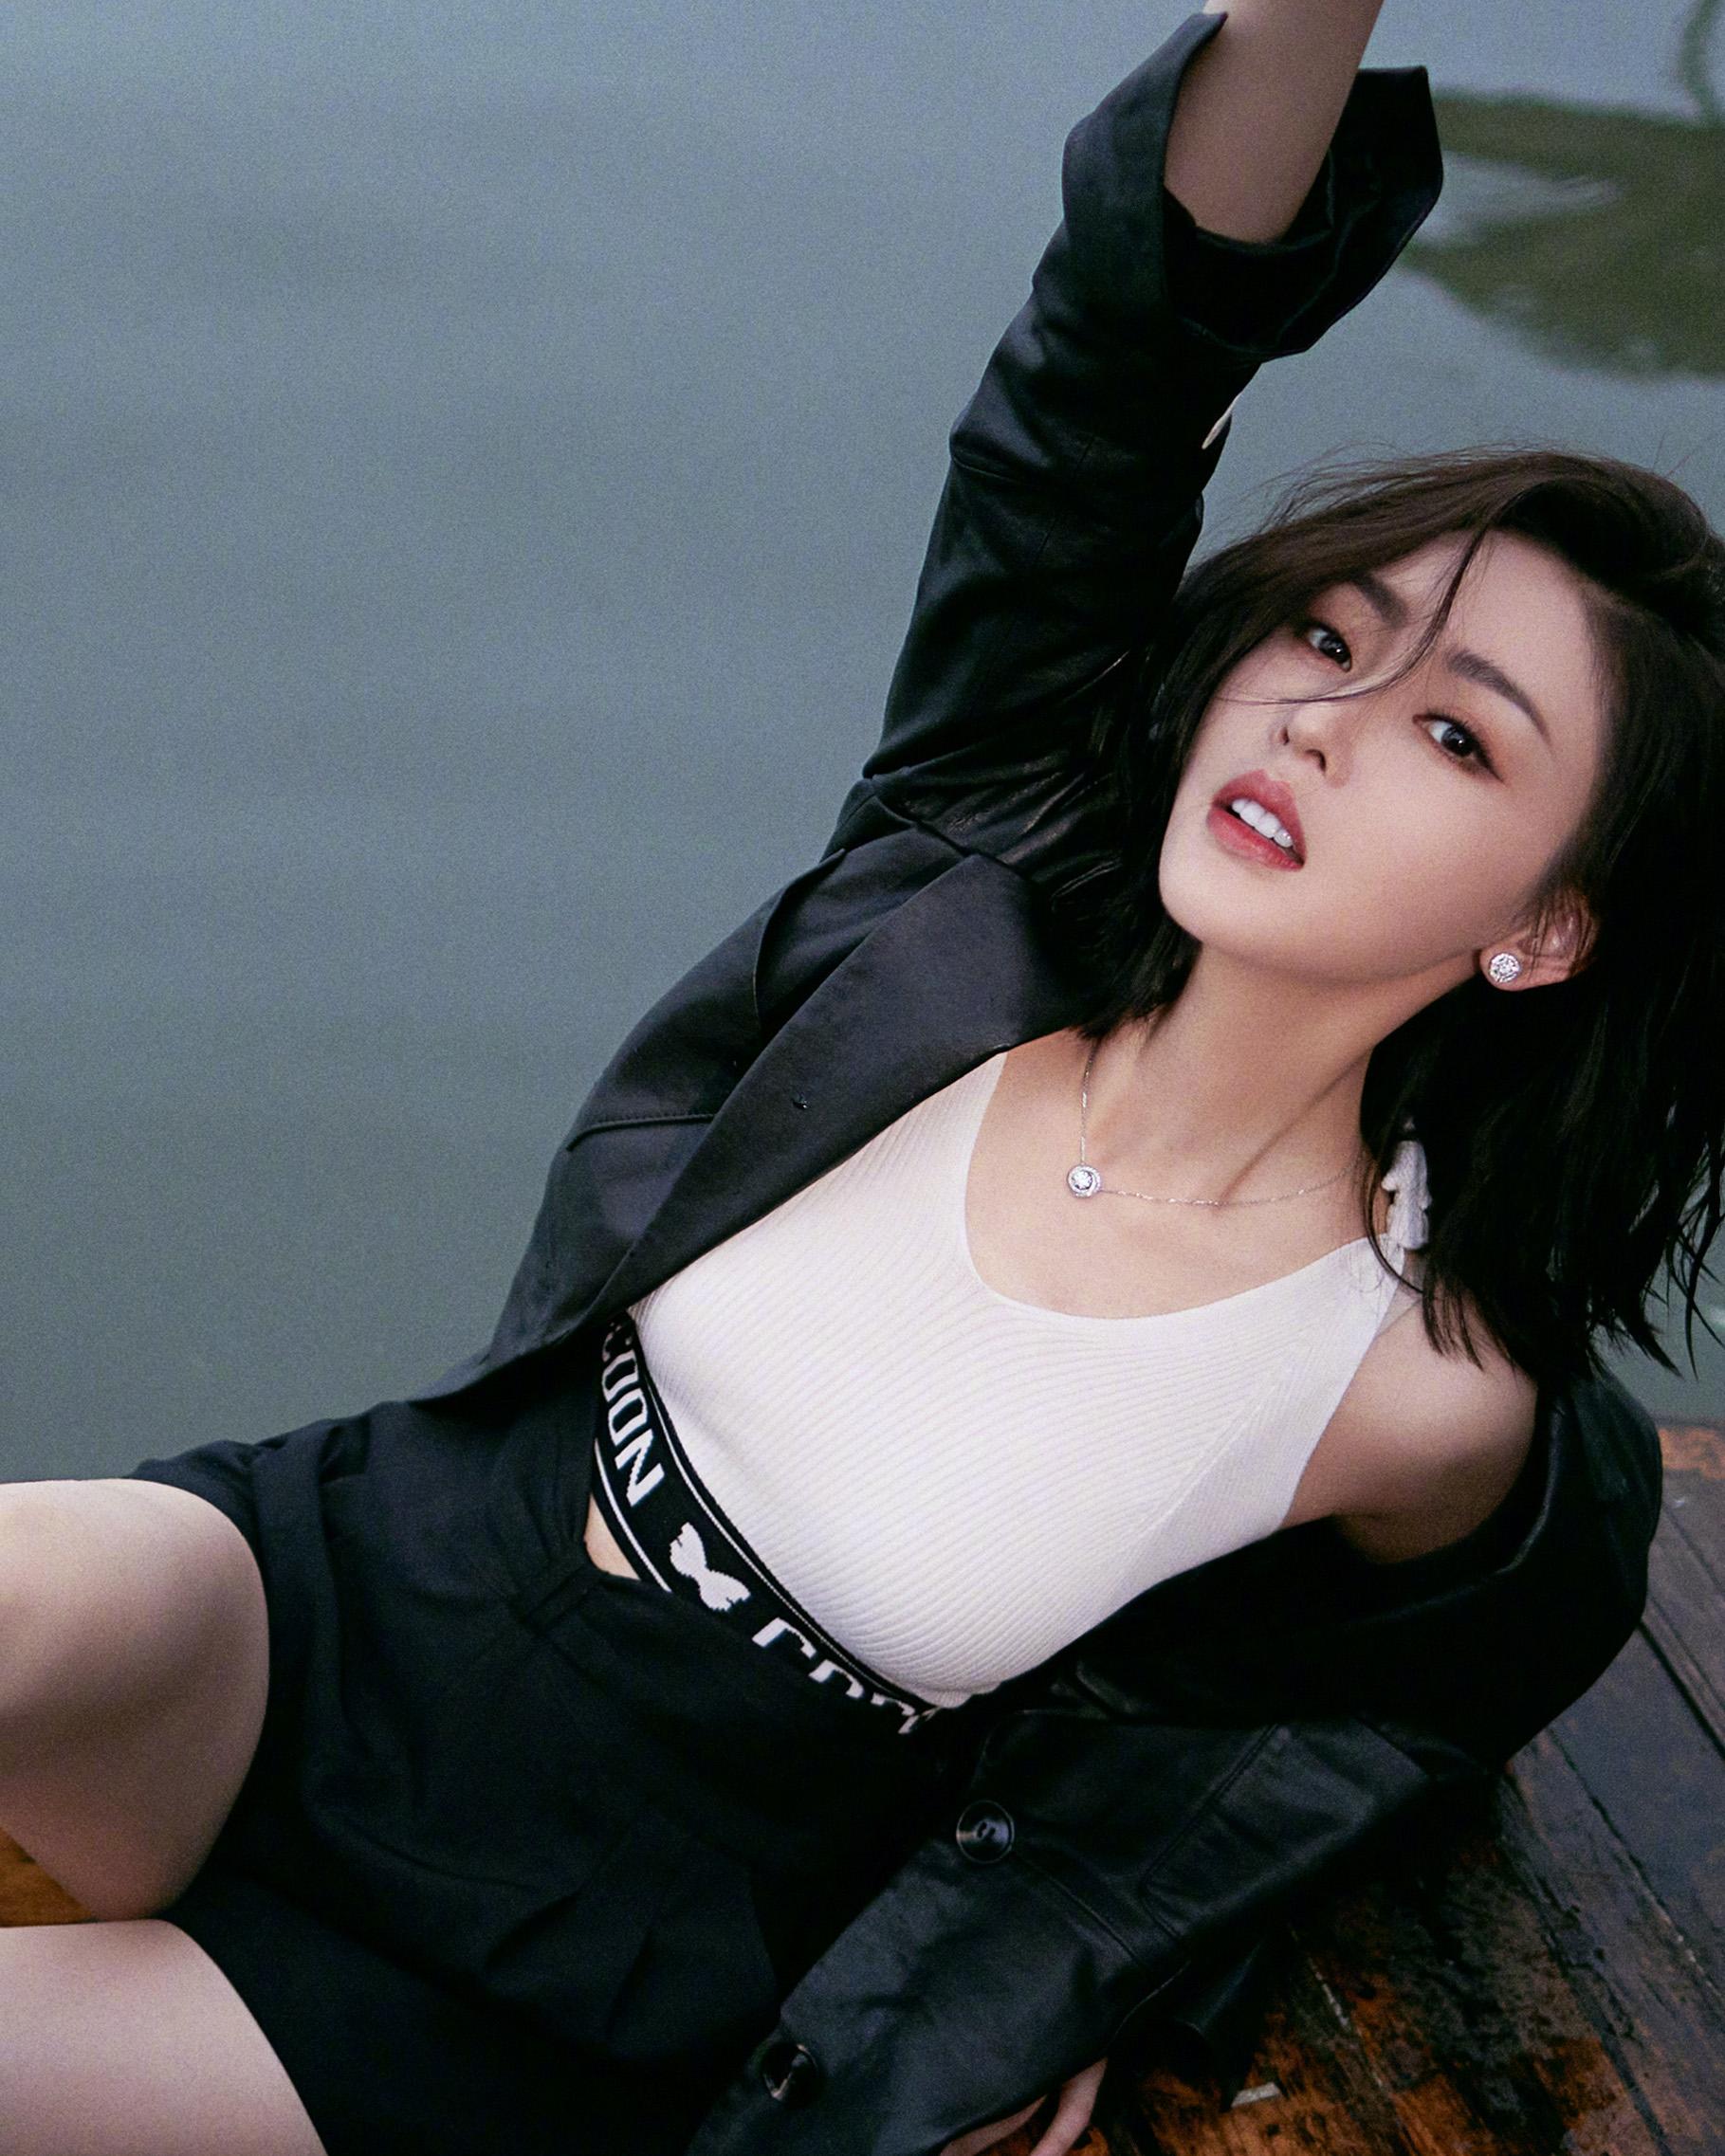 她是怎么被吴京看上的?网剧女主出身,多次改年龄,黑料满天飞!又是资本上位?